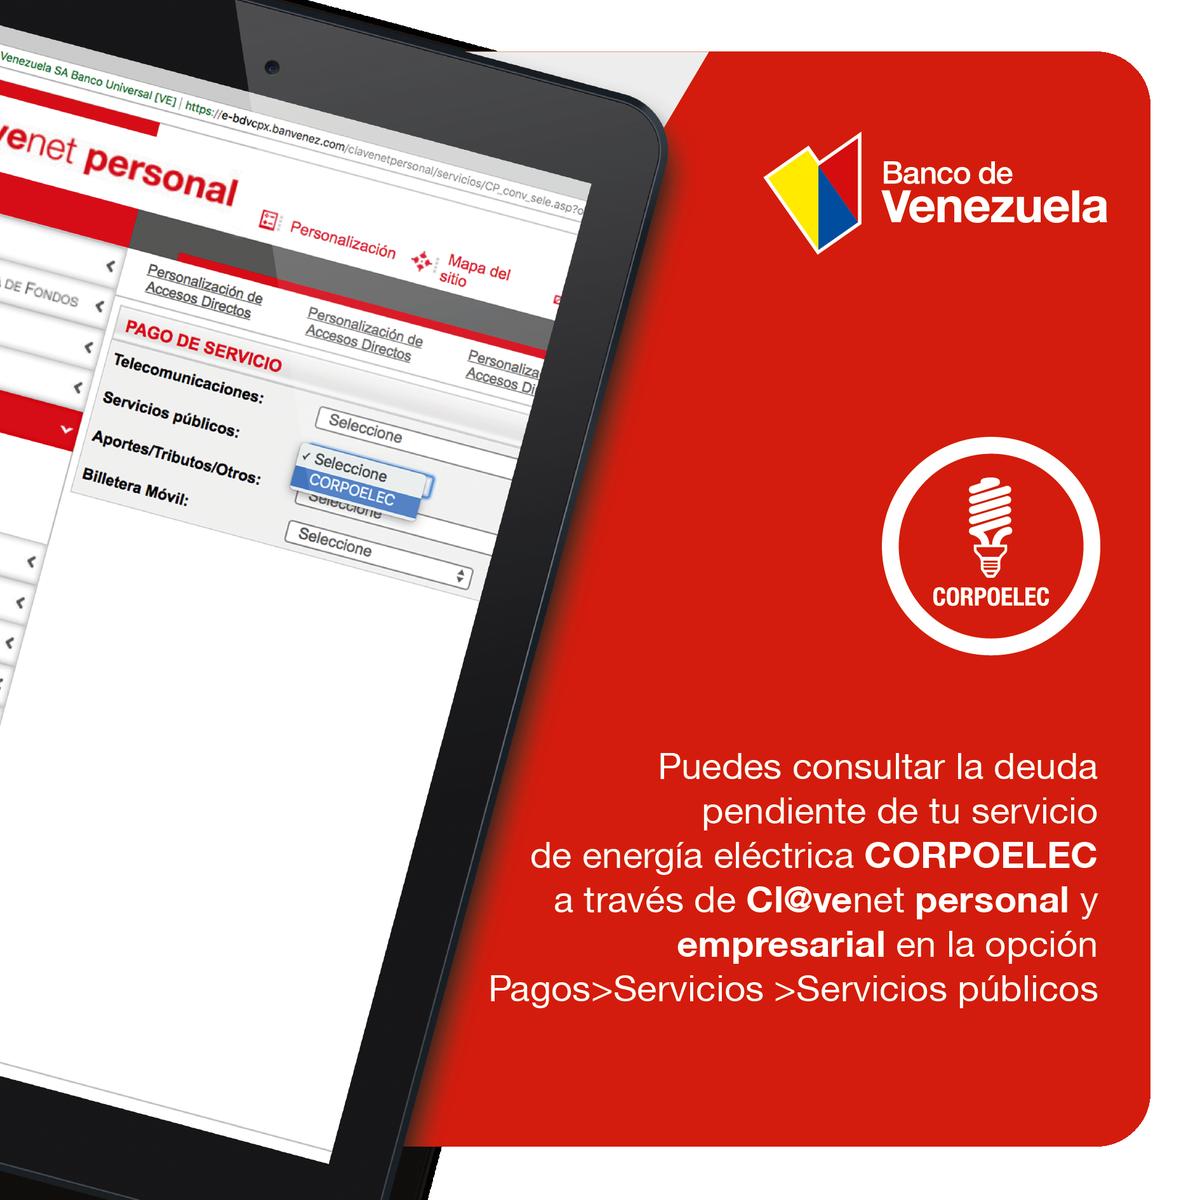 Banco de venezuela bcodevenezuela twitter Banco venezuela clavenet